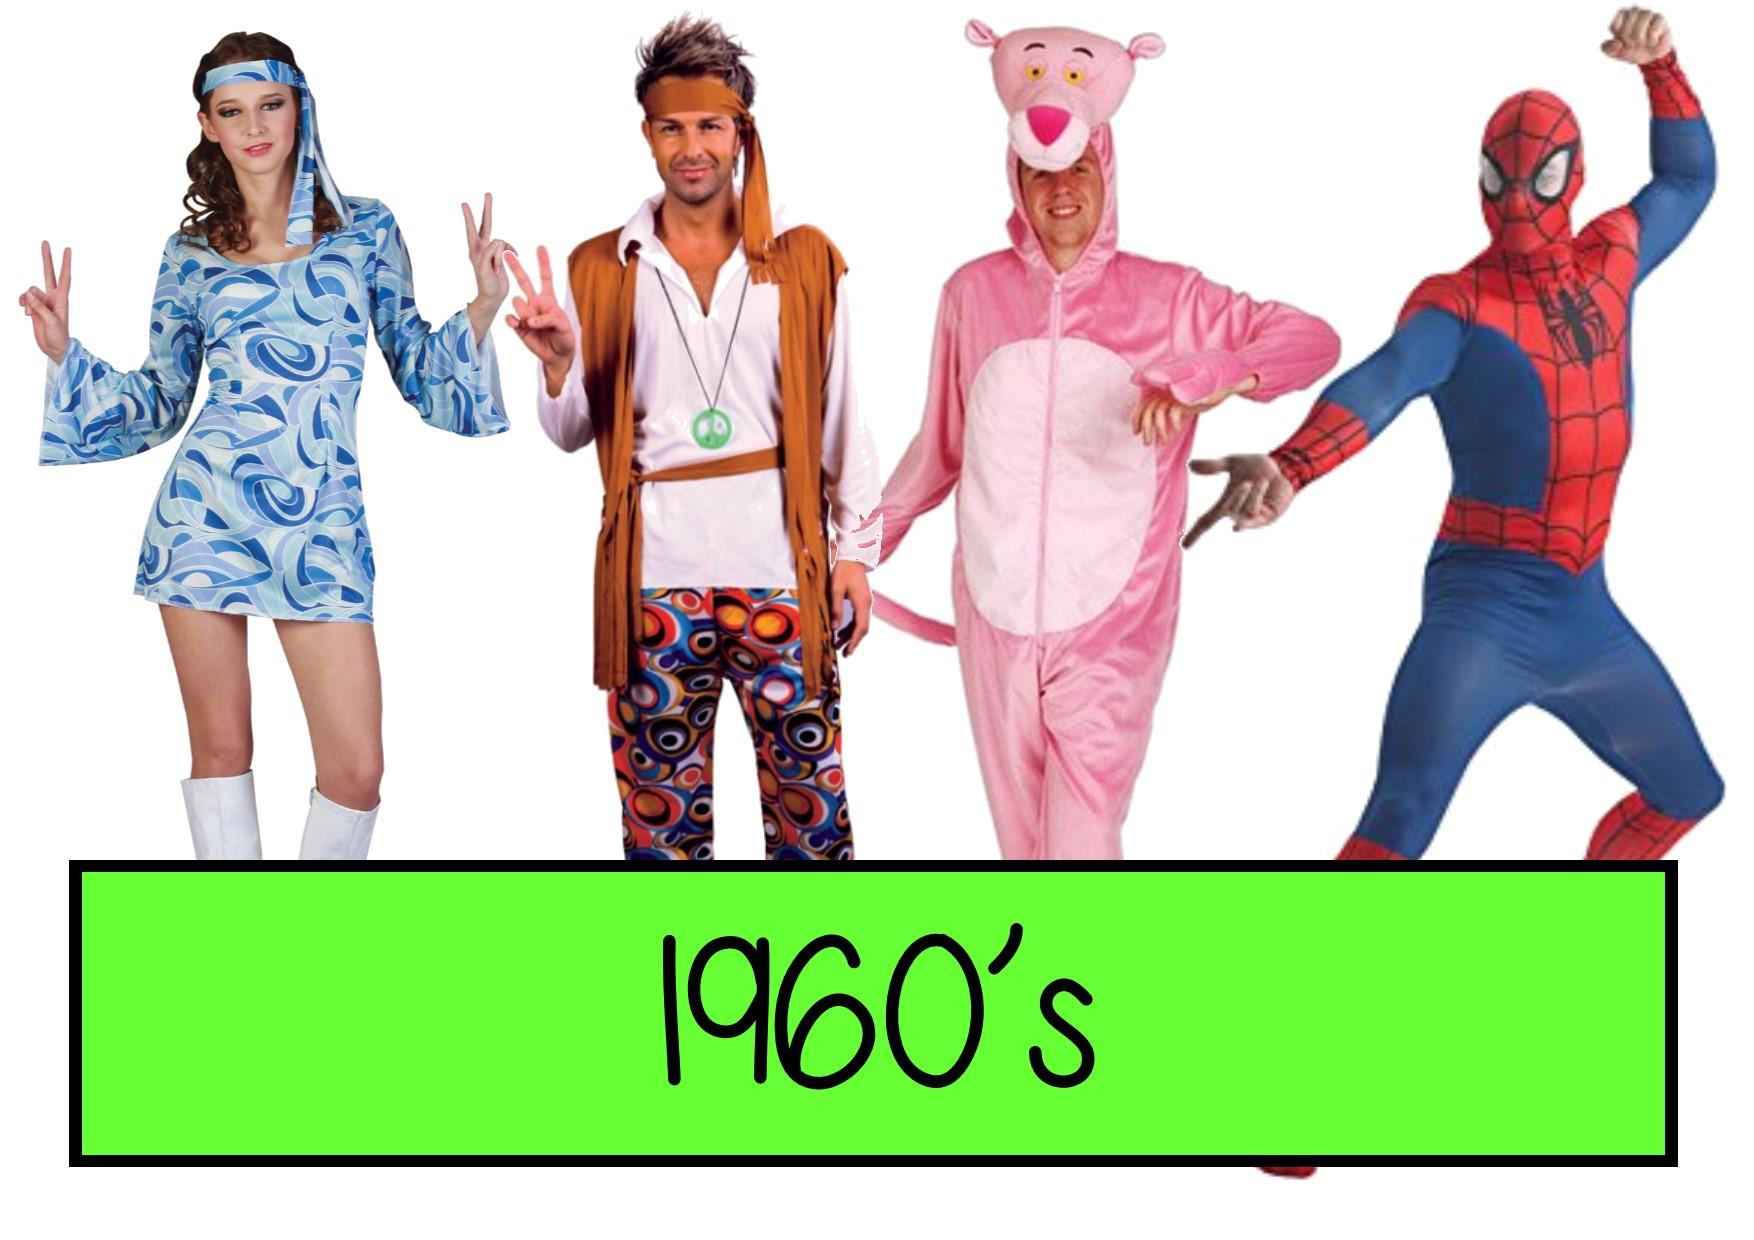 1960s fancy dress ideas